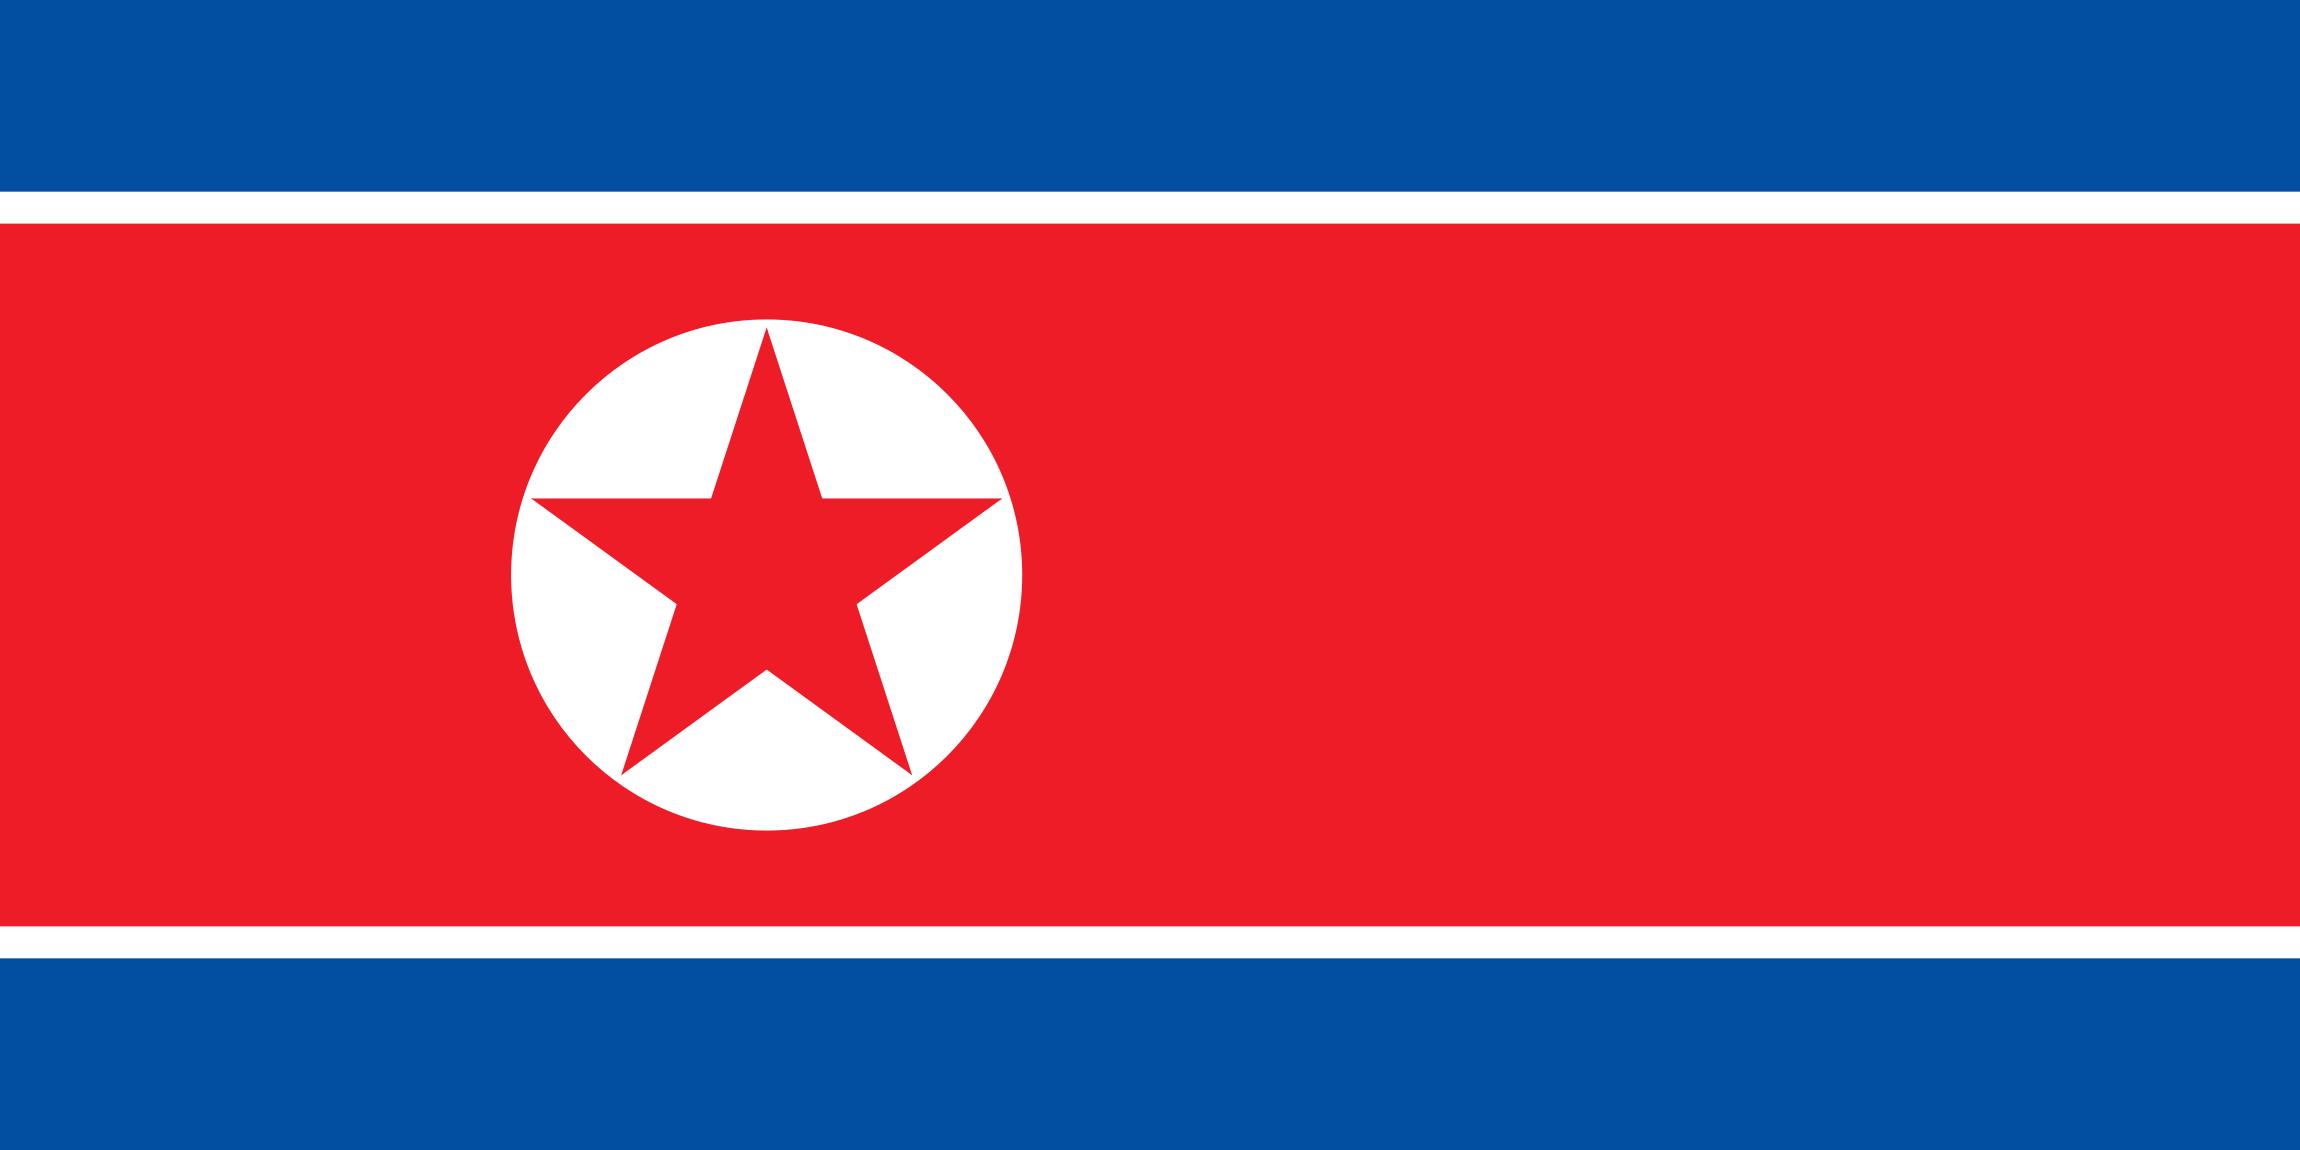 bandeira-coreia-do-norte-1